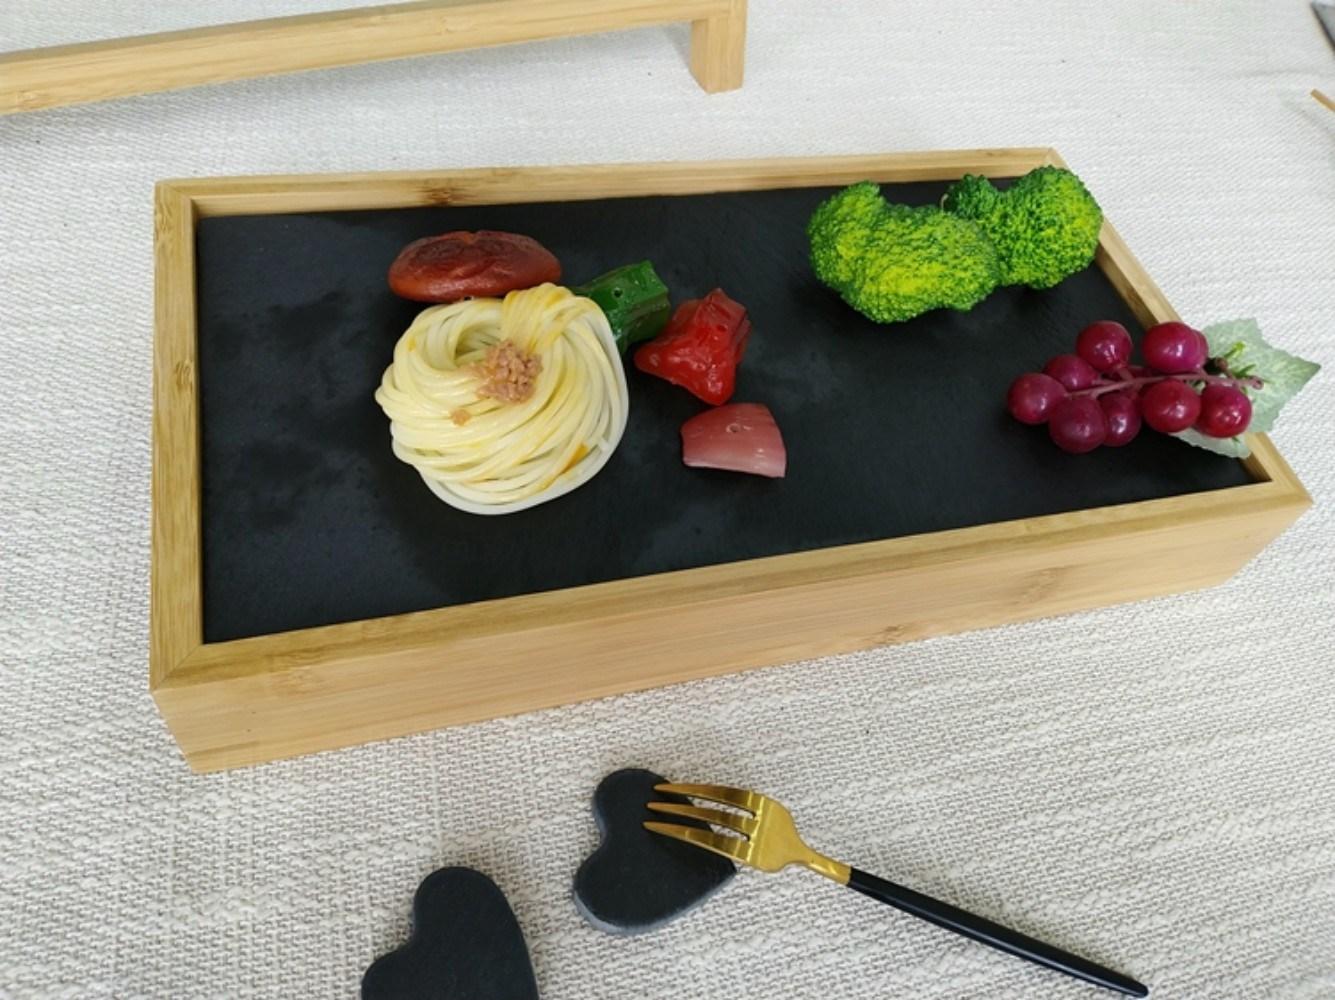 일식집 혼술 오마카세 회포장 포장초밥 월남쌈 카나페 우드 계단식 접시 트레이, 1단 32X17CM